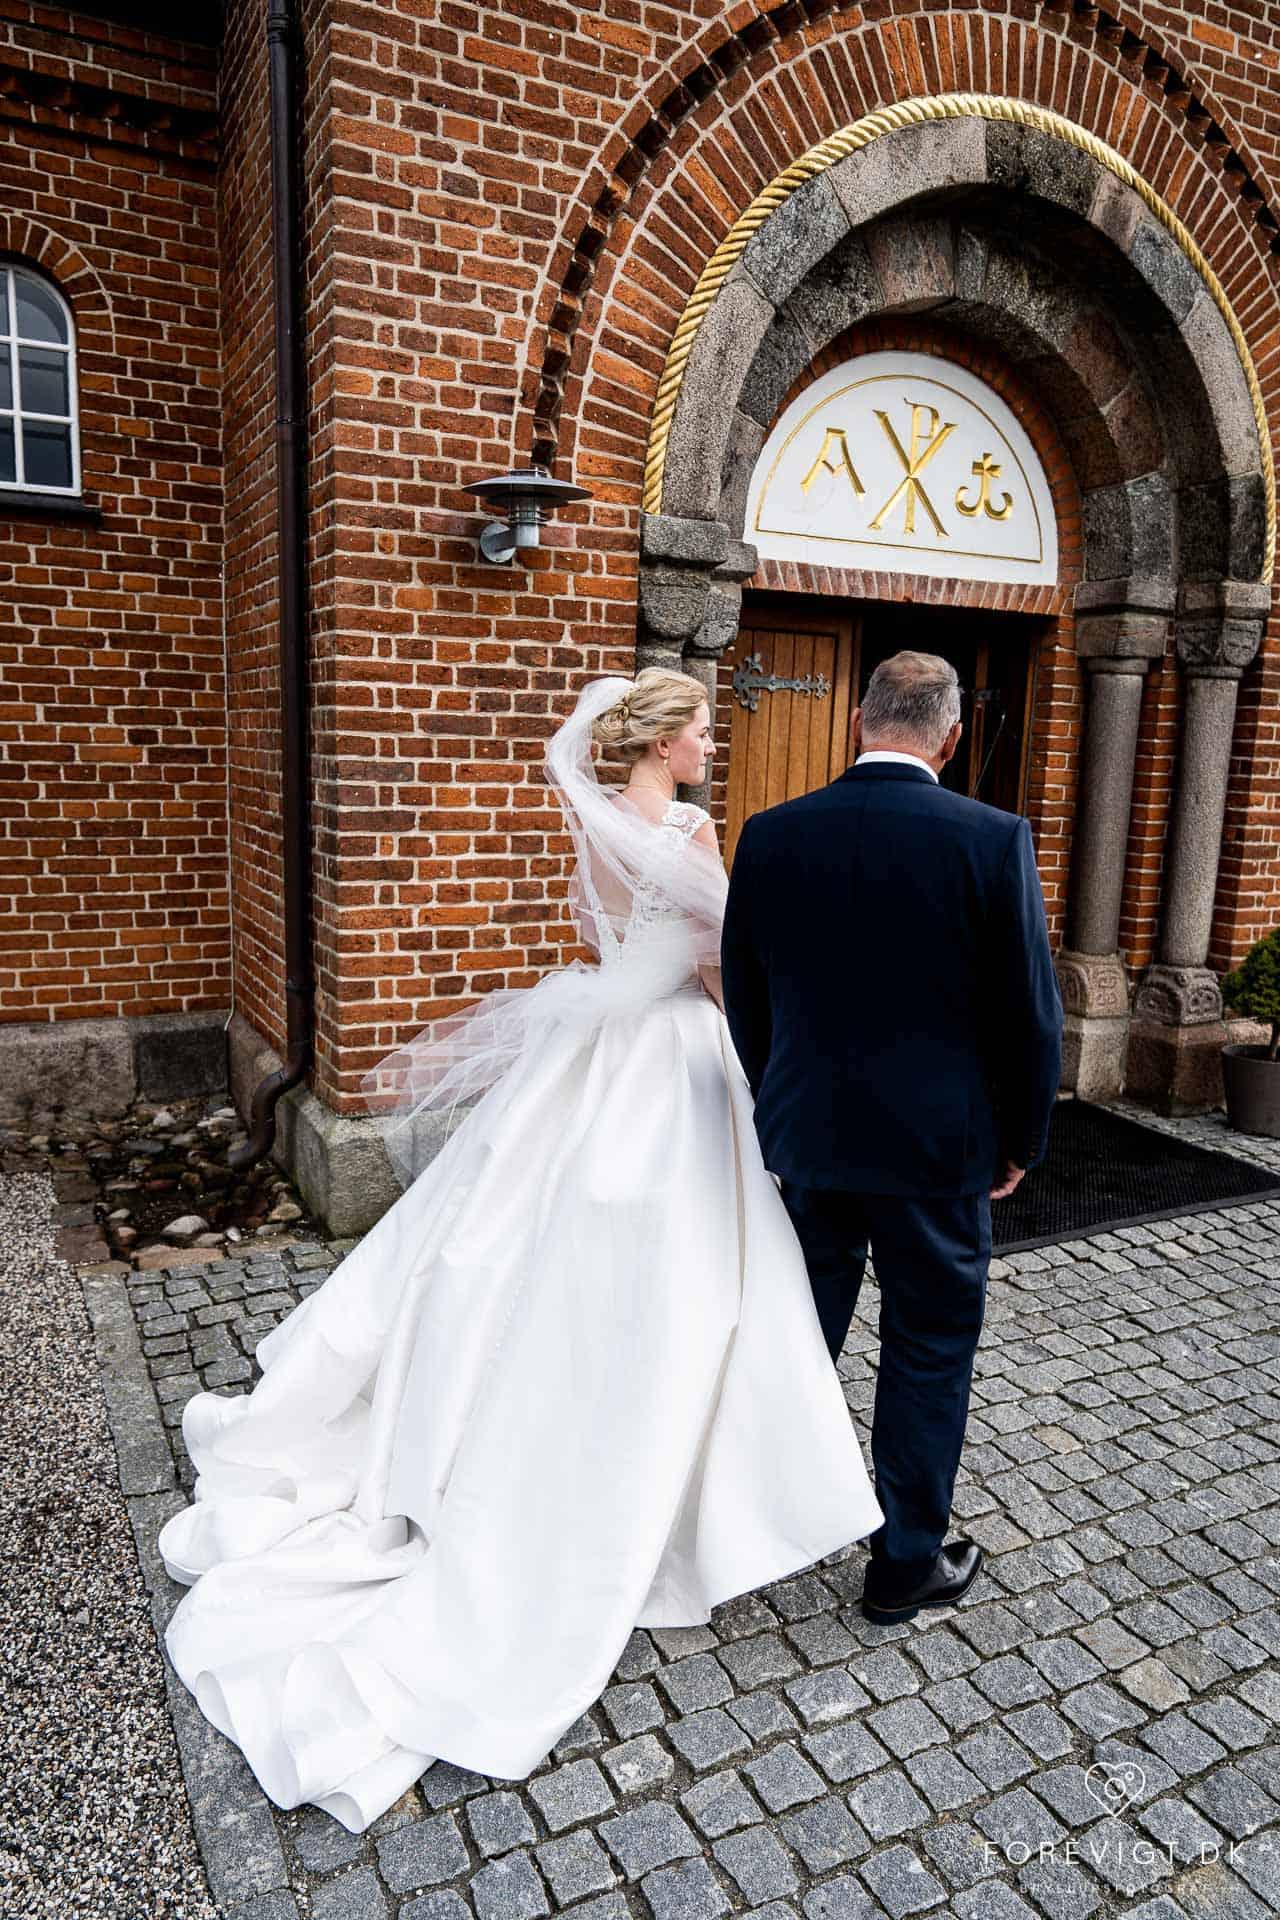 Lokaler til bryllup - Med/uden overnatning nær Horsens